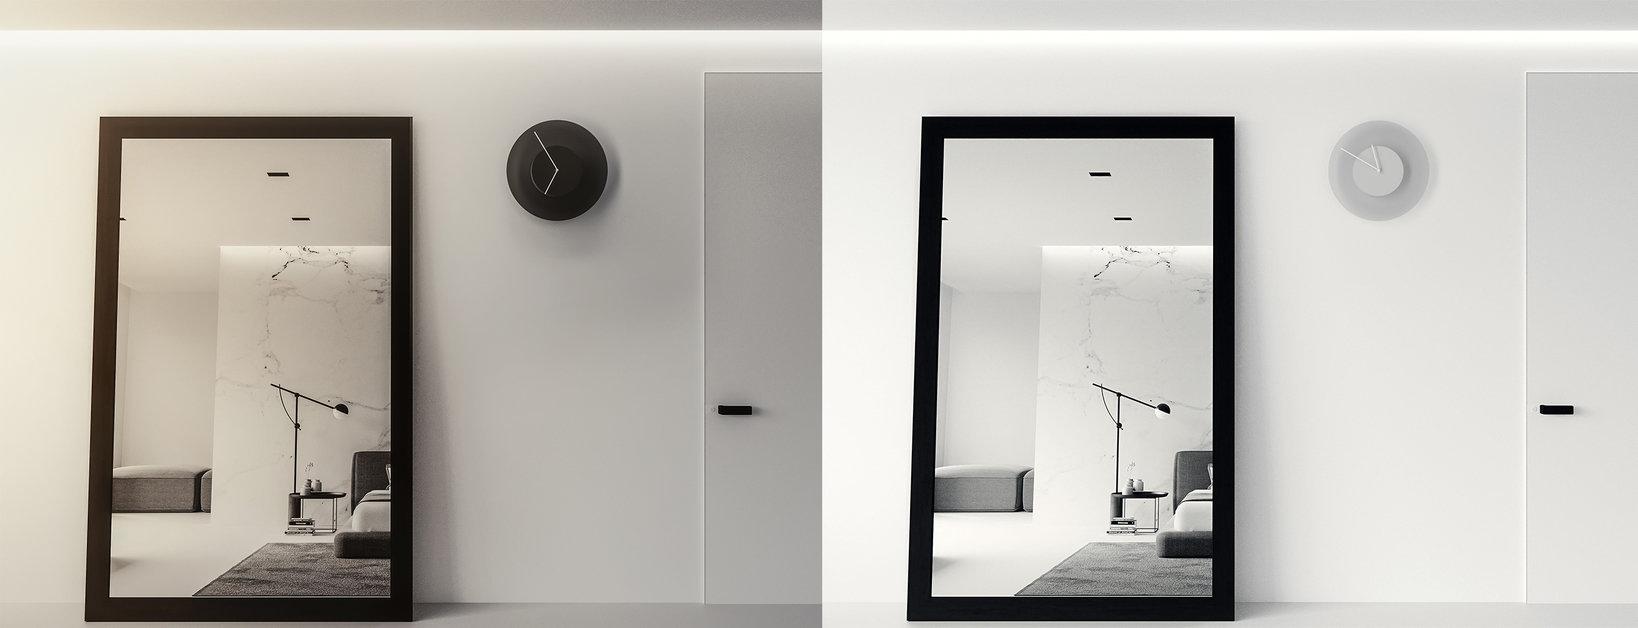 左:夜の空間イメージ  右:昼間の空間イメージ